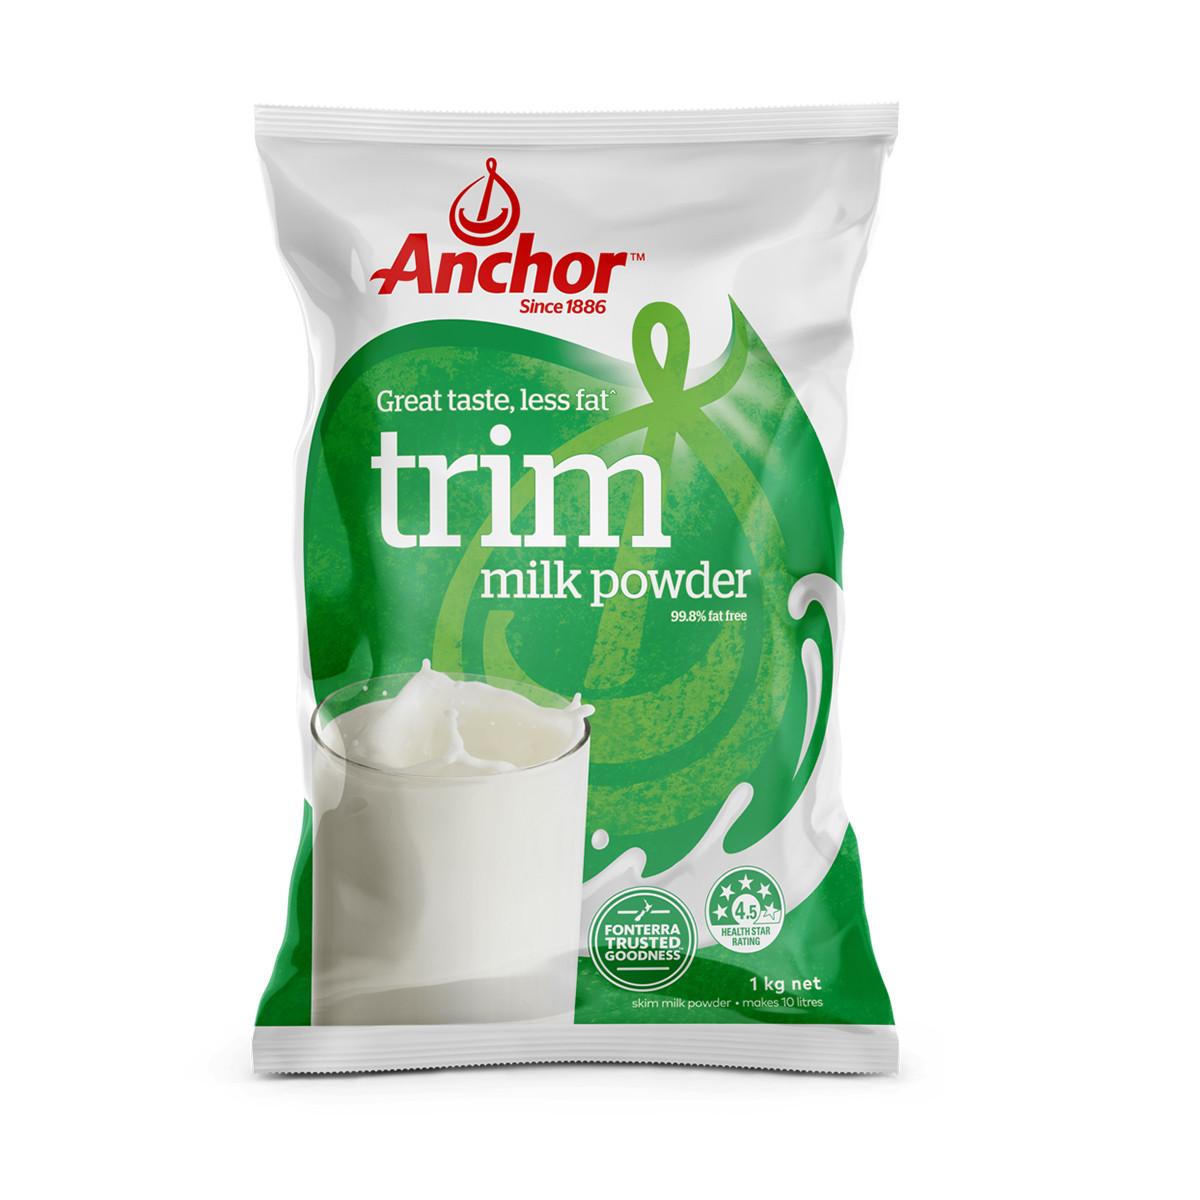 新西蘭Anchor安佳 成人脫脂奶粉1000g/袋